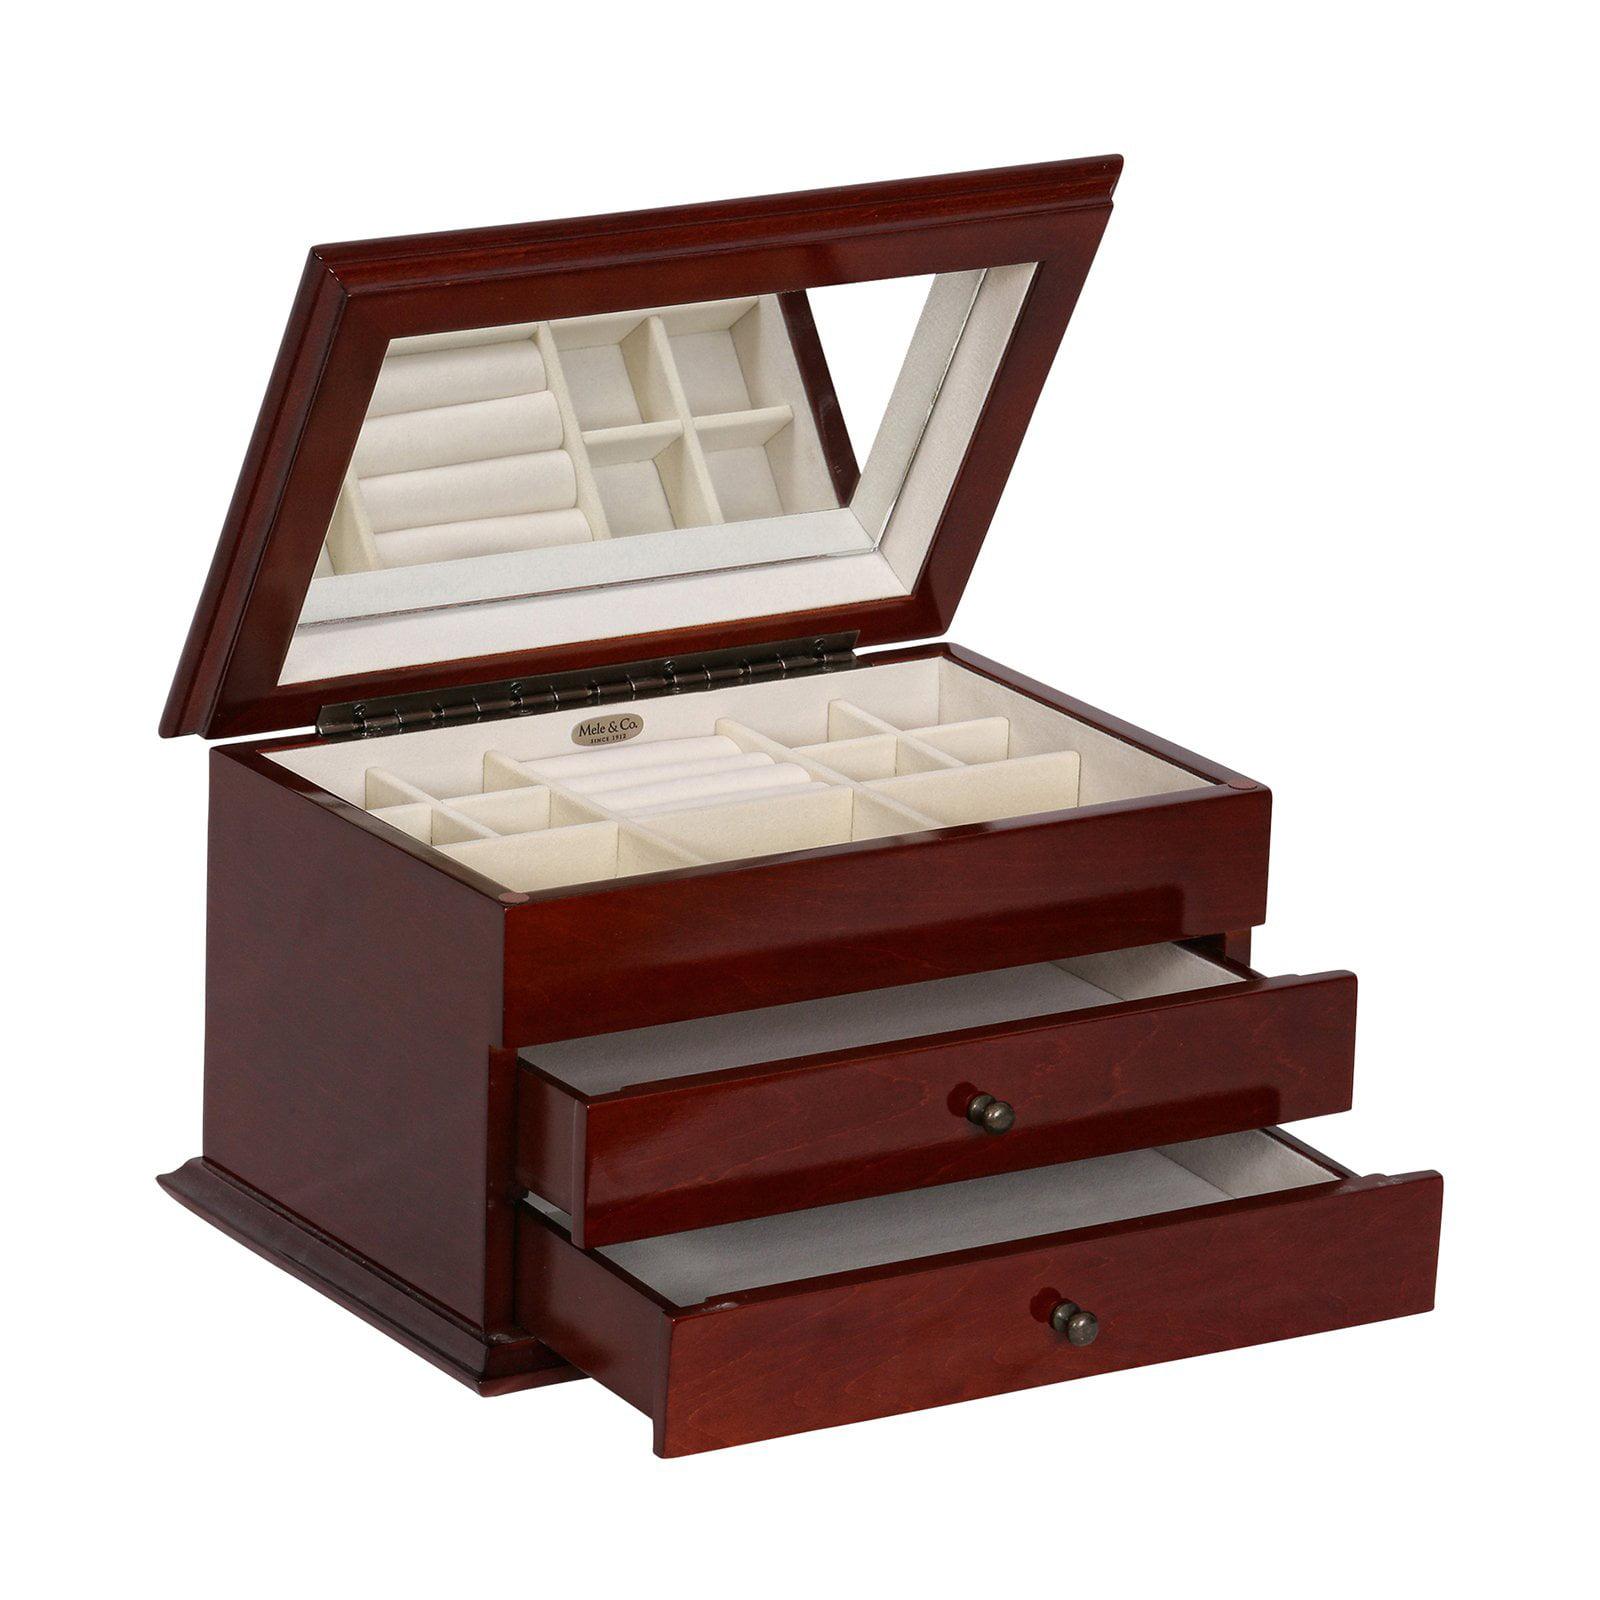 Mele & Co. Brayden Wooden Jewelry Box - Walnut